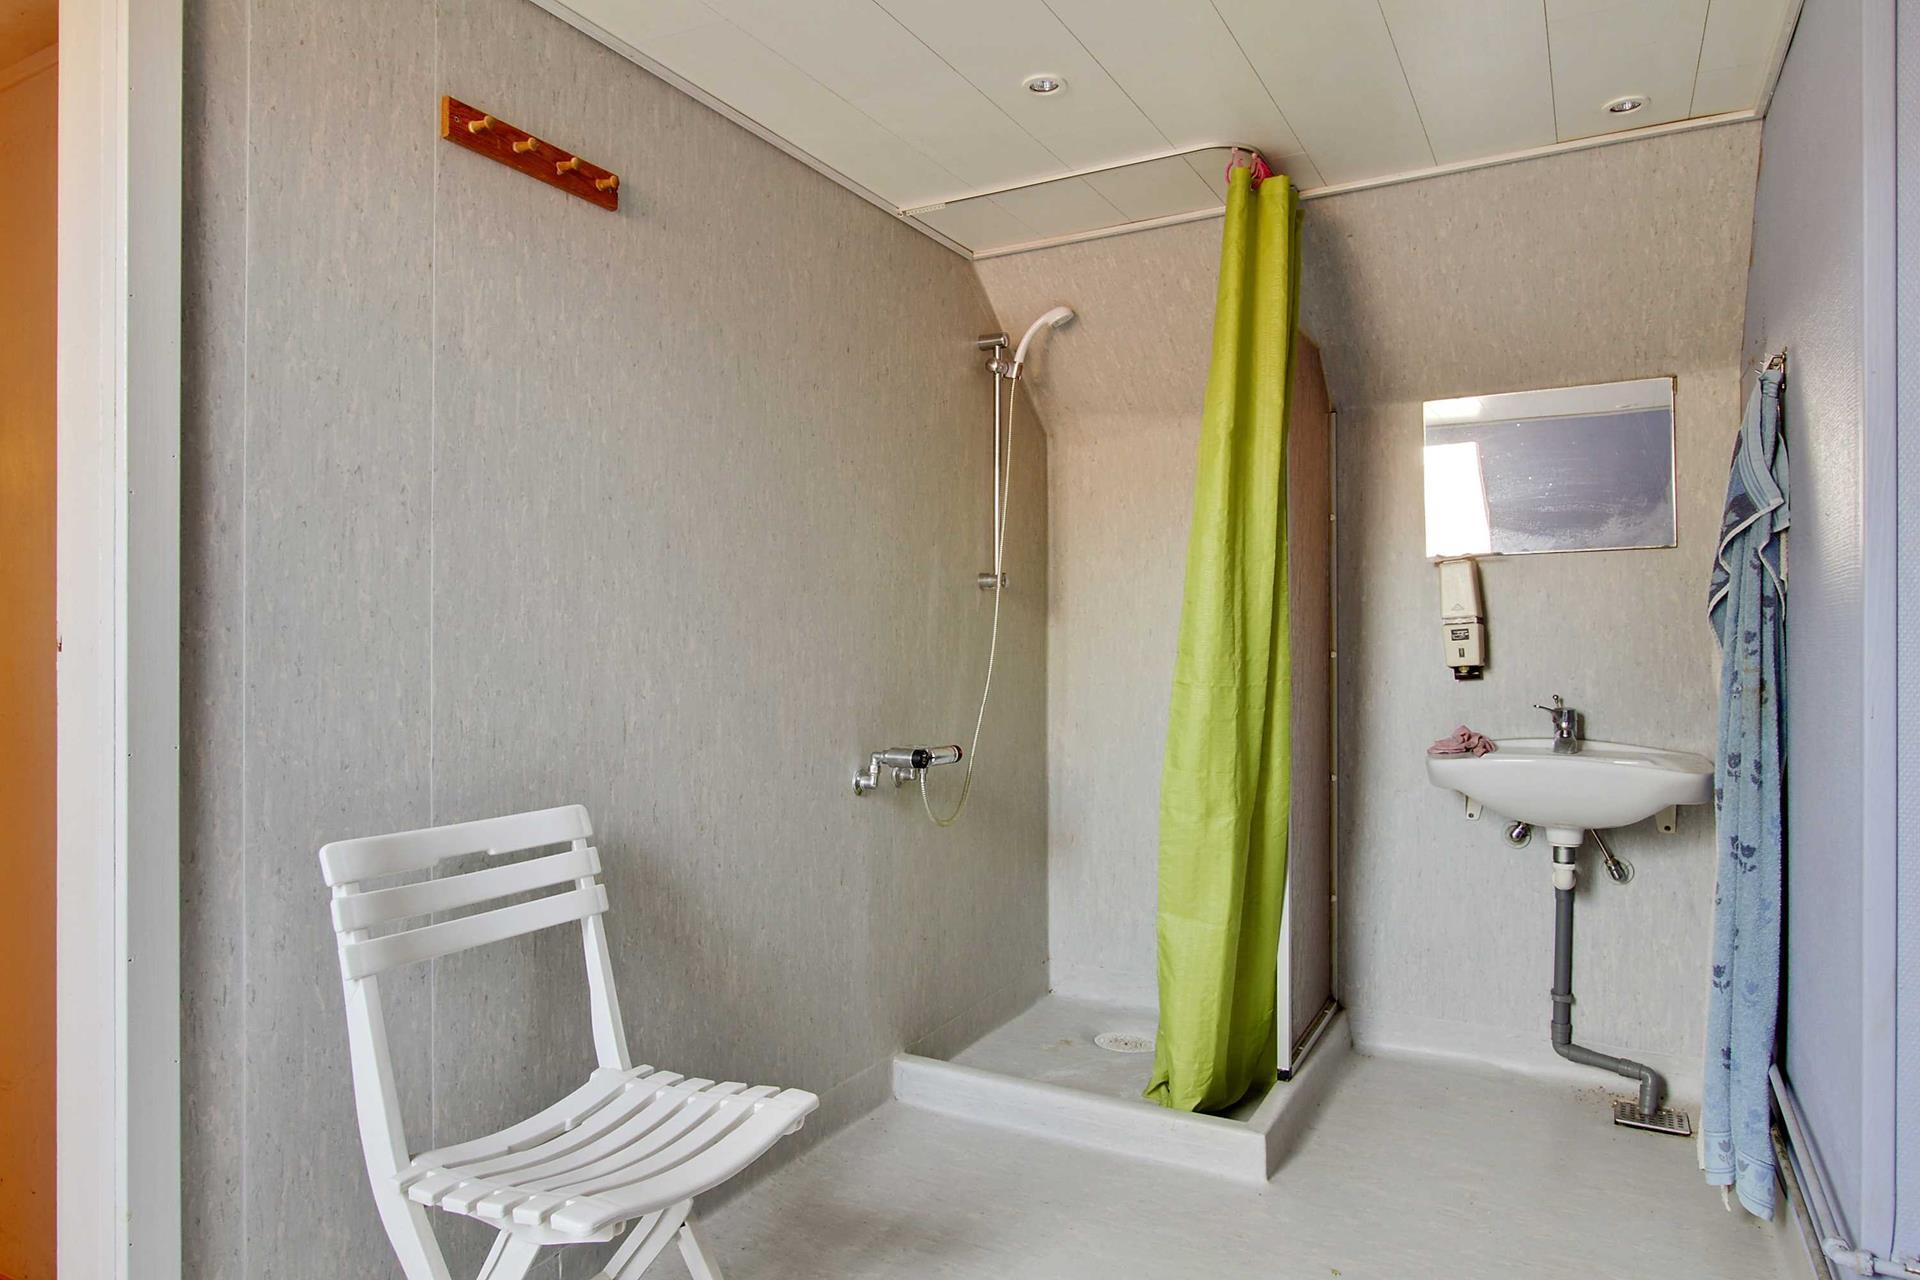 Bolig/erhverv på Storegade i Stege - Badeværelse